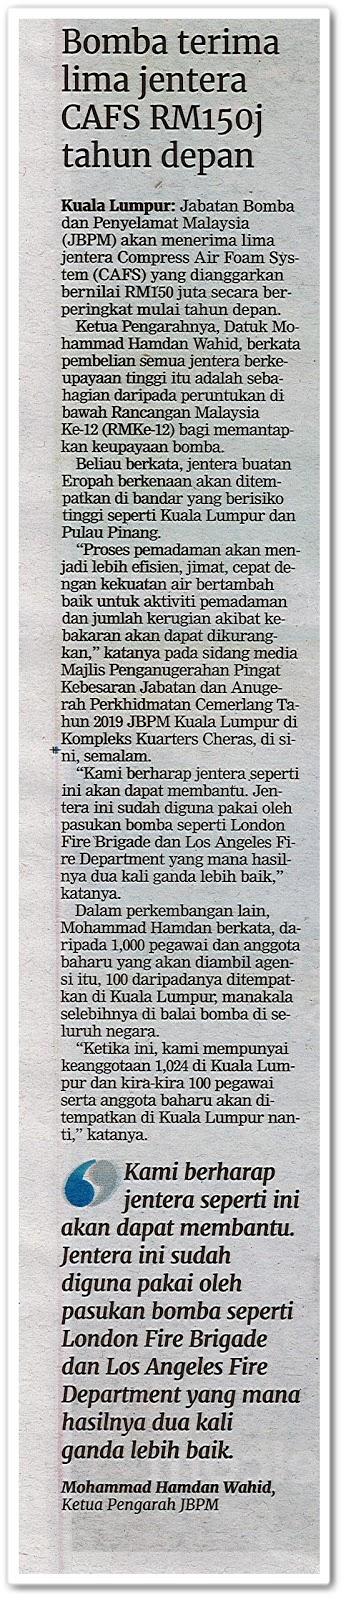 Bomba terima lima jentera CAFS RM150j tahun depan - Keratan akhbar Berita Harian 19 Februari 2020